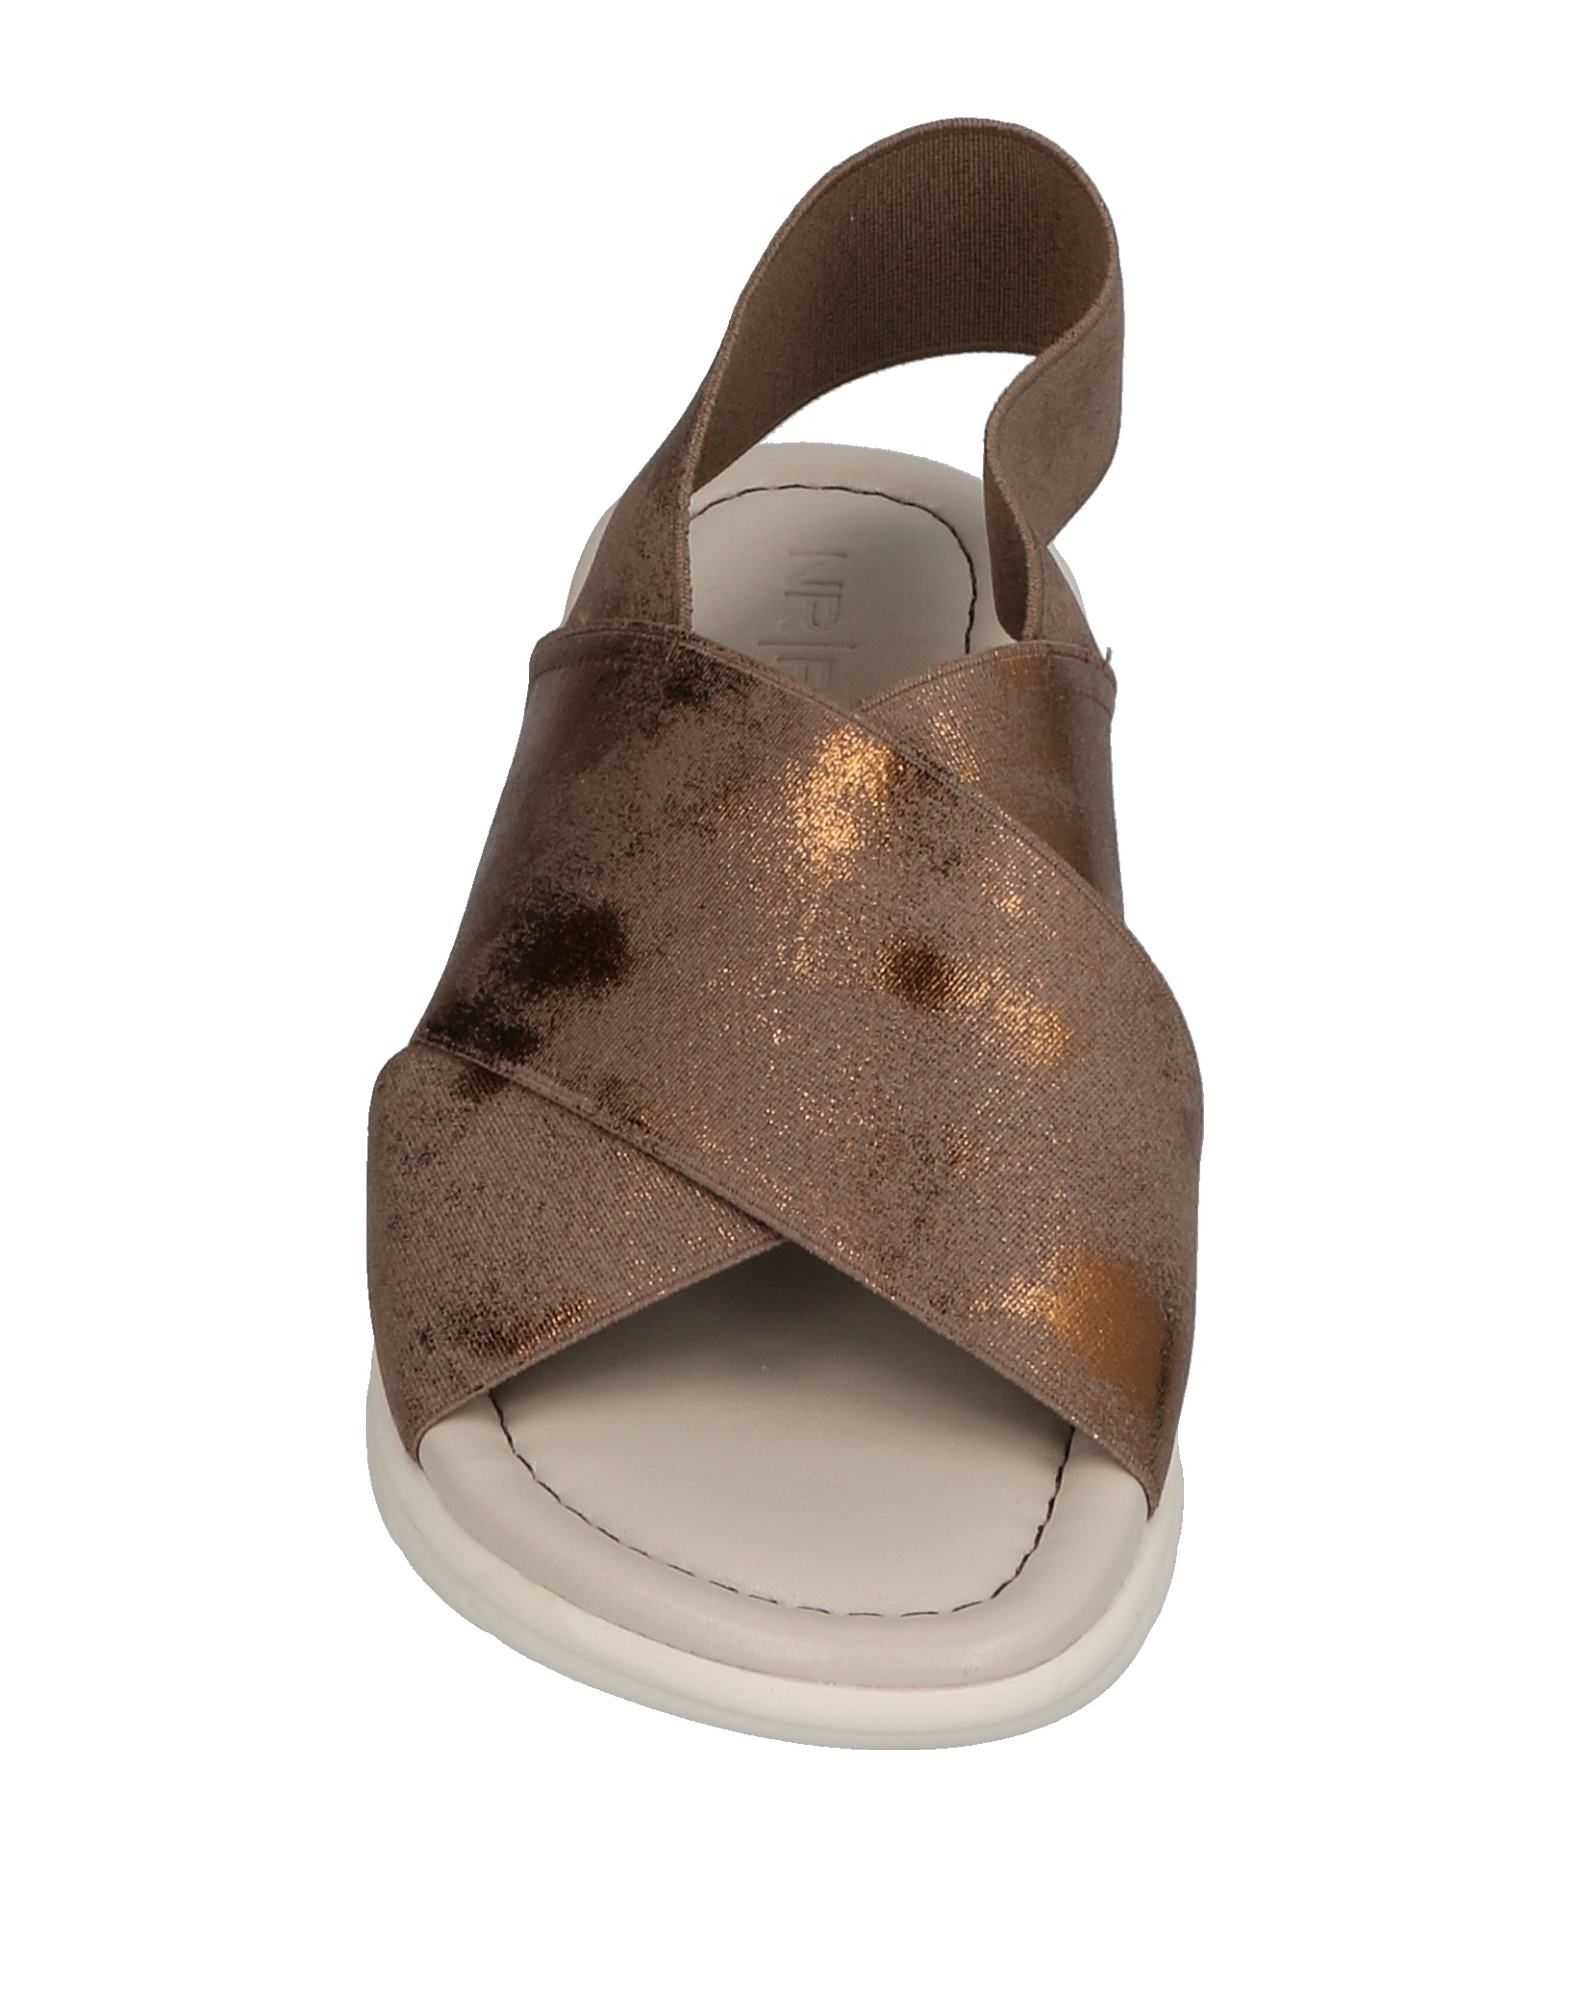 Sandales Nr Rapisardi Femme - Sandales Nr Rapisardi sur